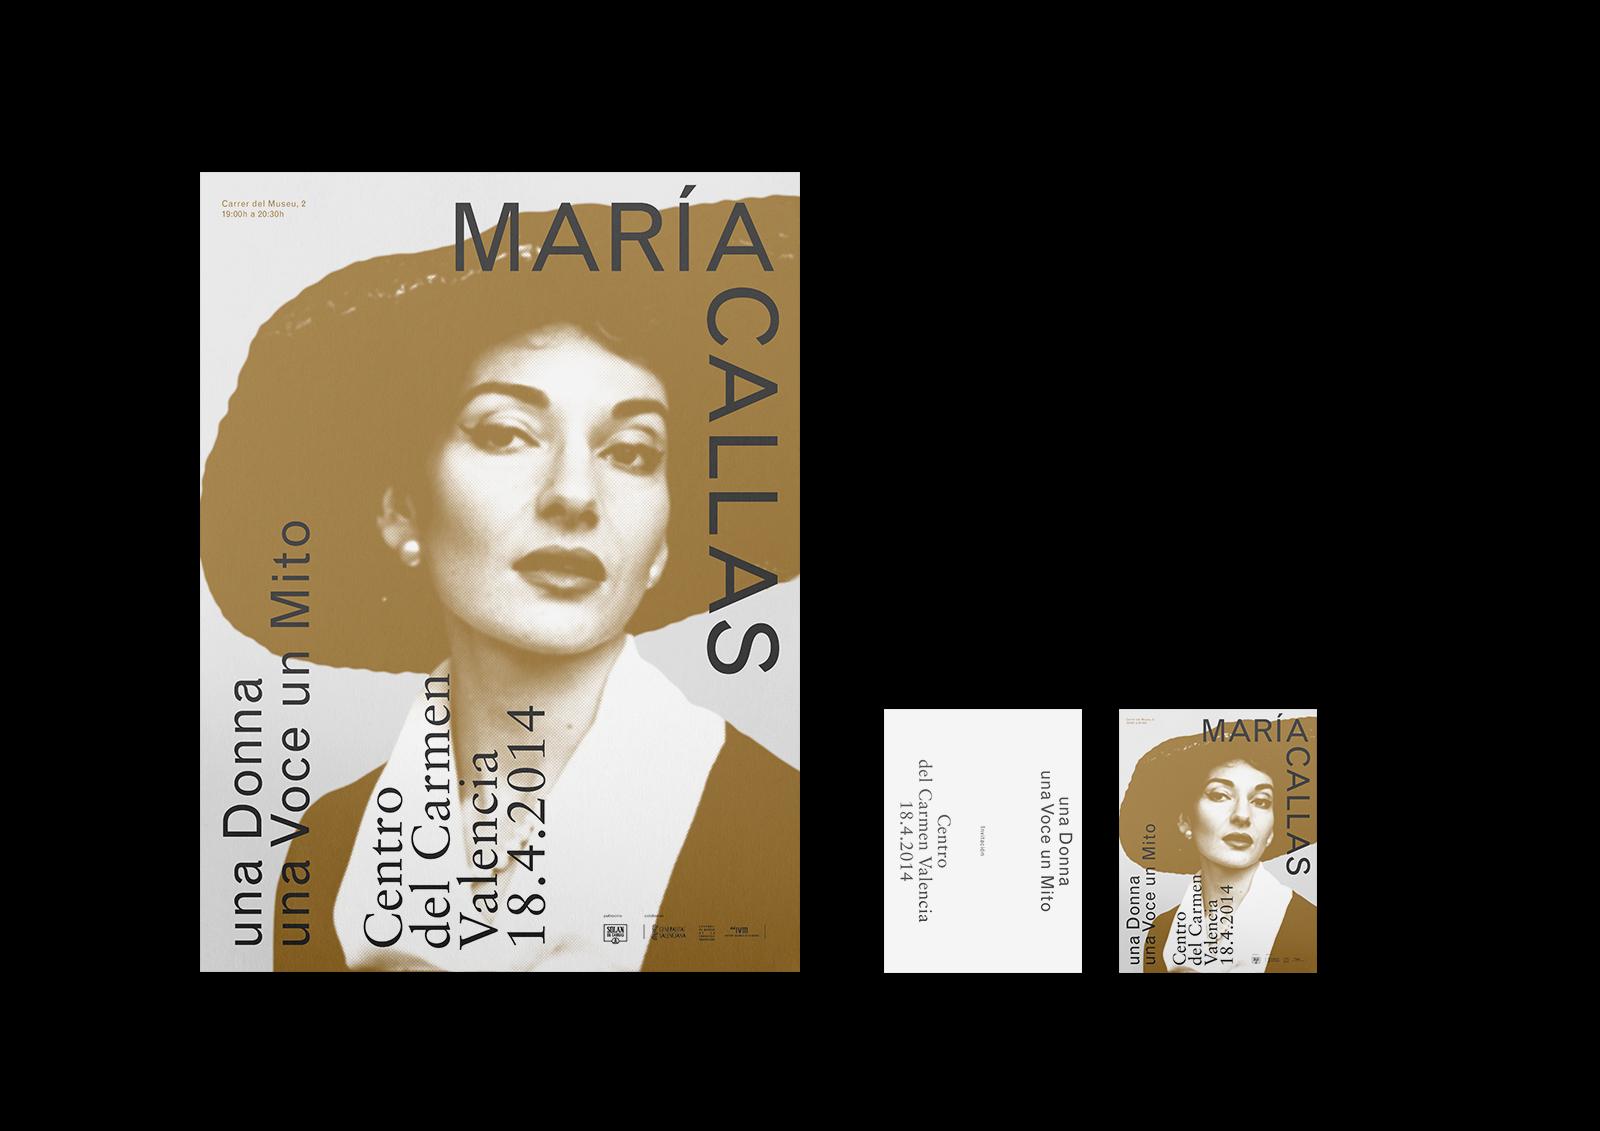 Maria Callas - Diseño gráfico y identidad visual para la exposición monográfica sobre Maria Callas en el Centro del Carmen de Valencia